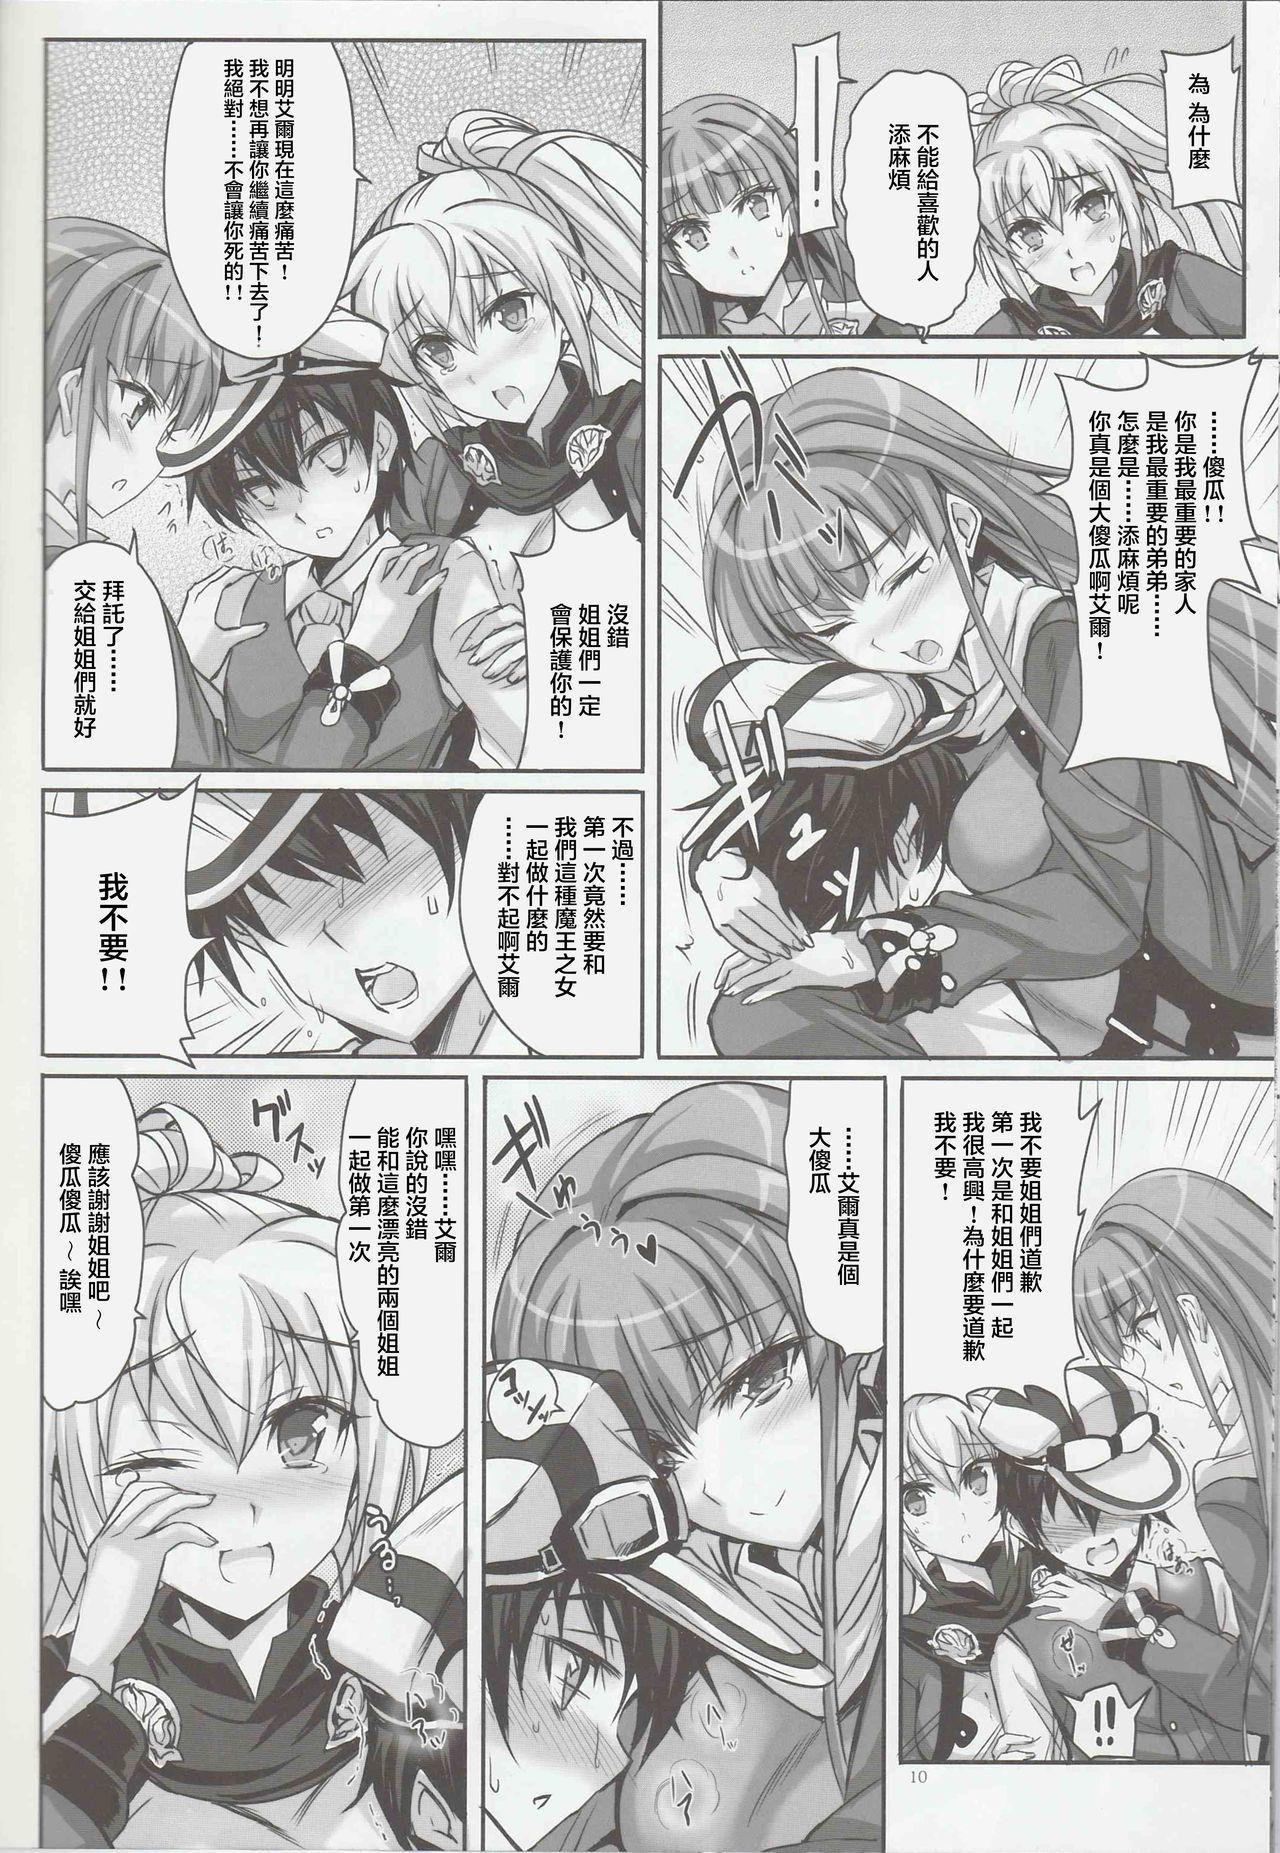 Anata no, Yasashikute Daisuki na Onee-chans.   溫柔賢惠的姐姐 送給最愛她們的你。 9